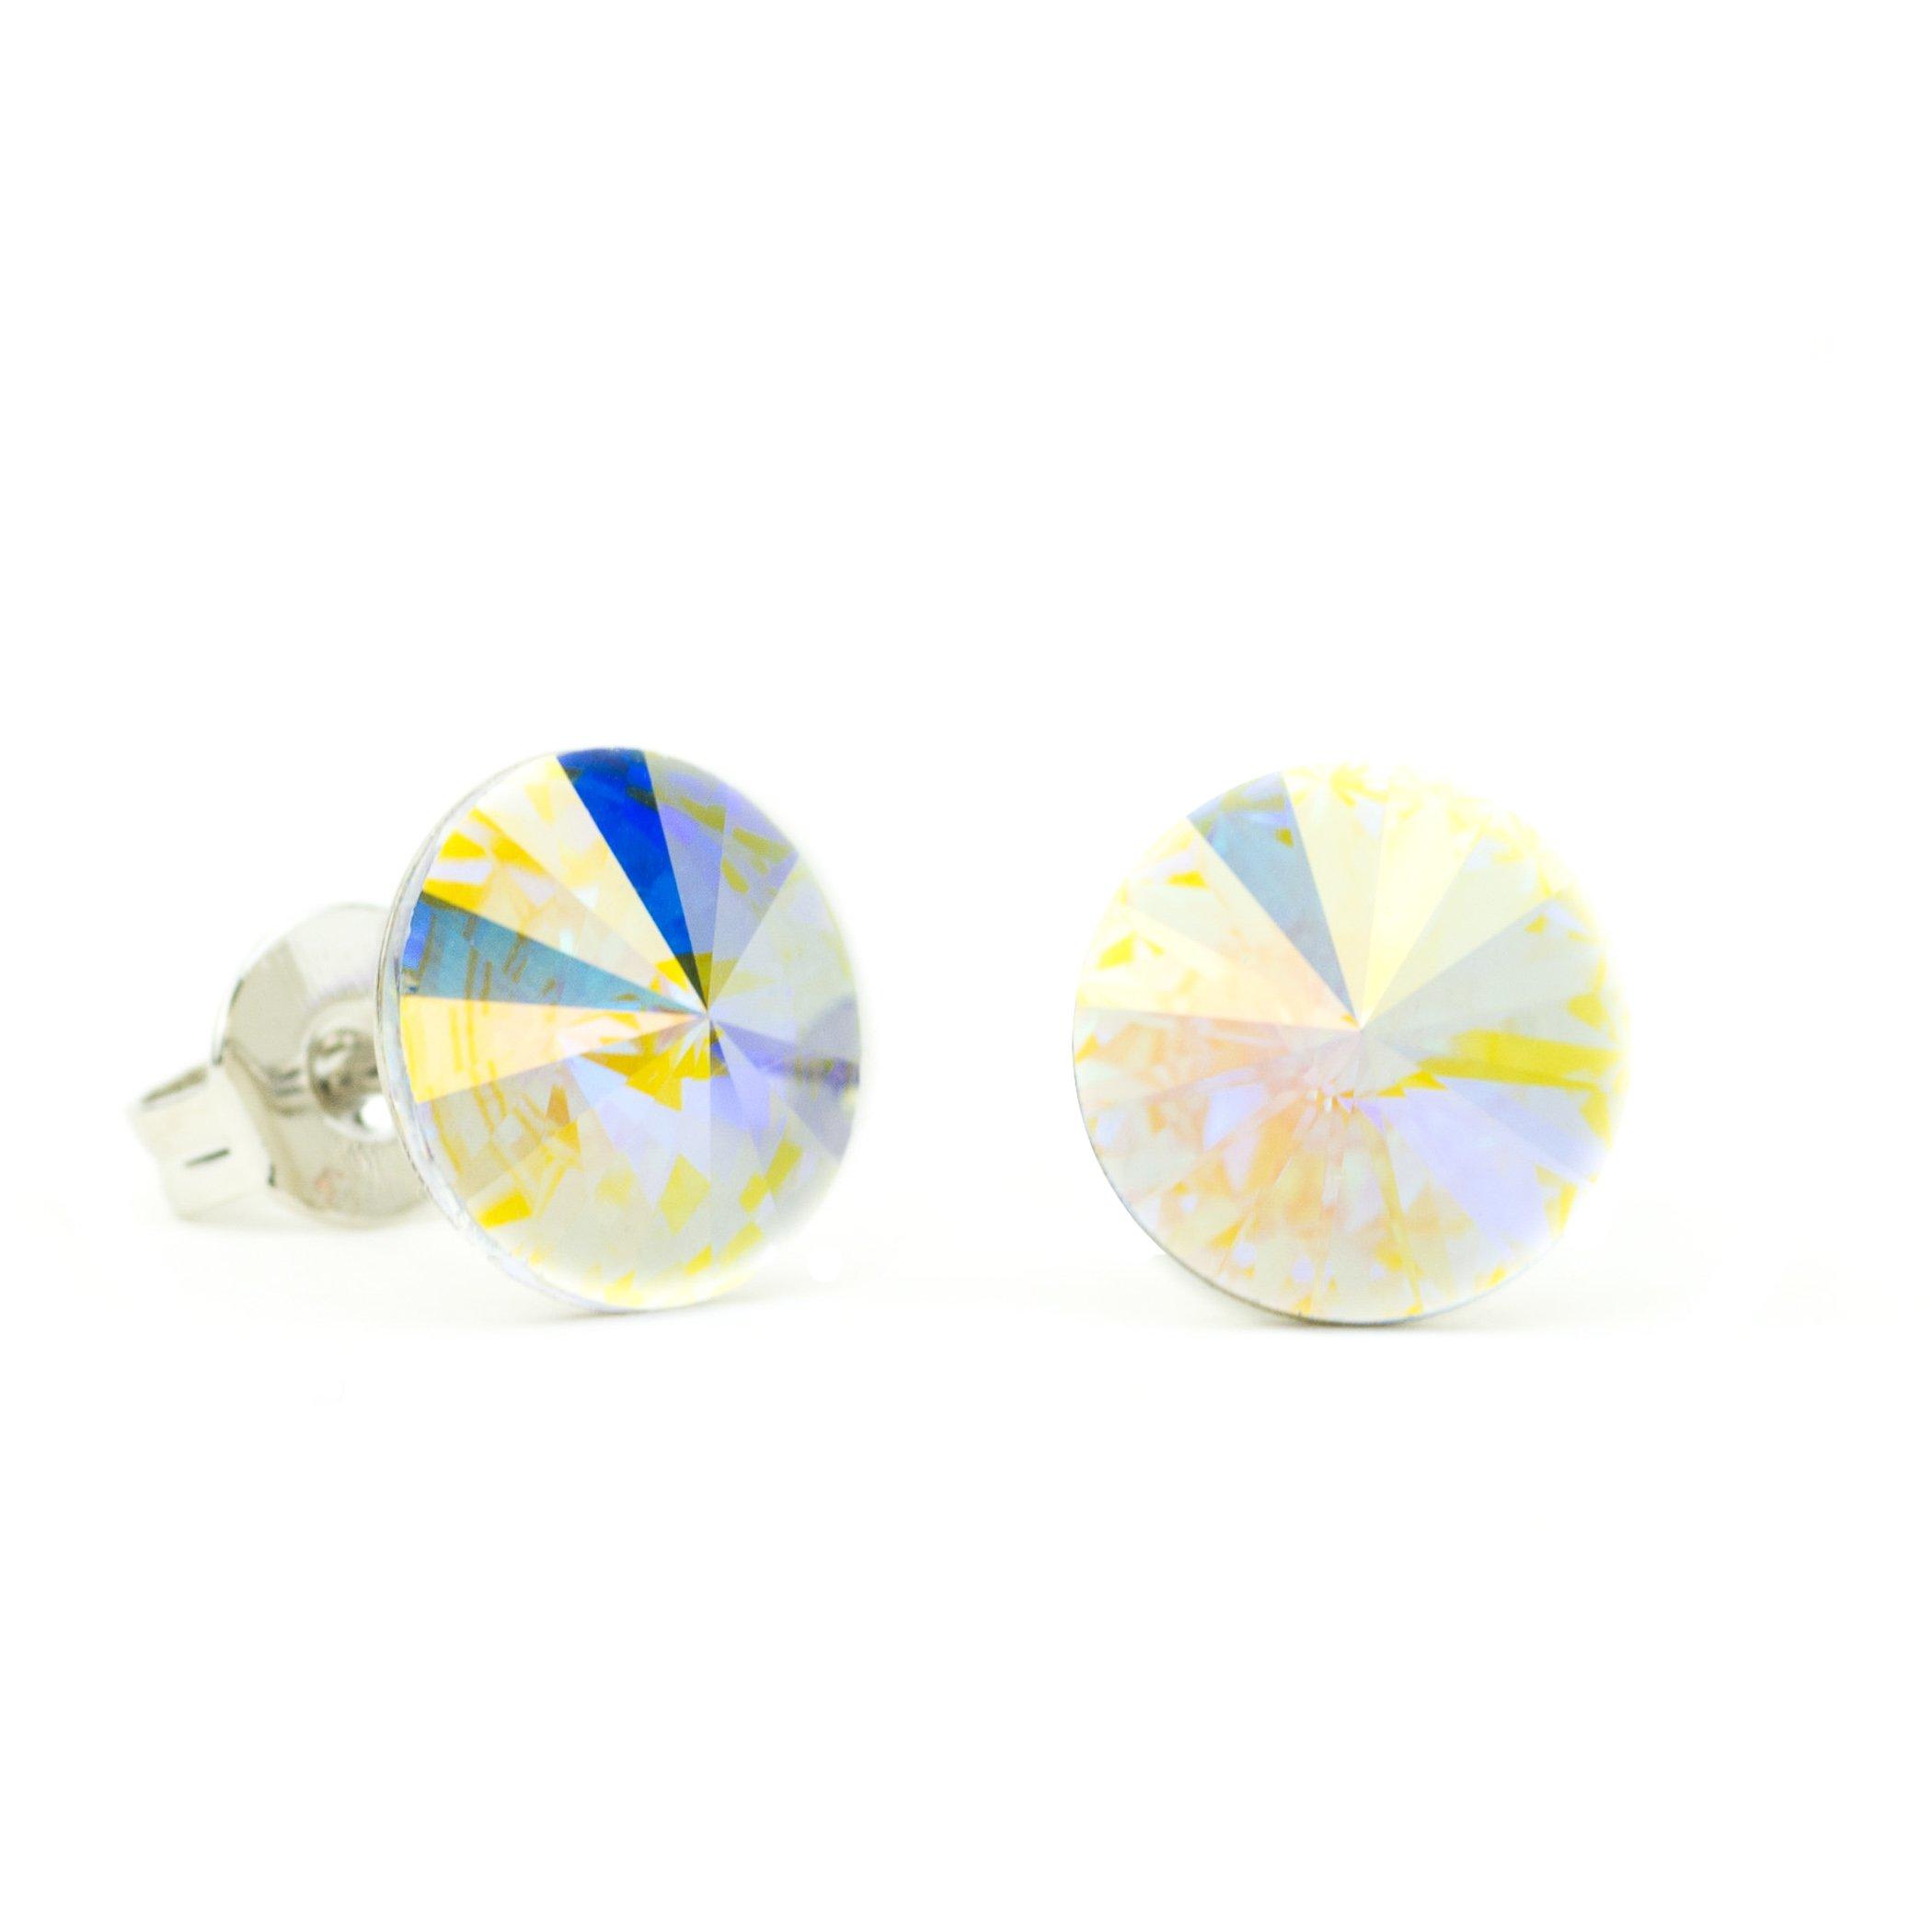 Eve S jewelry–Orecchini da donna con Swarovski Elements Crystal AB placcato argento rodiato bianco